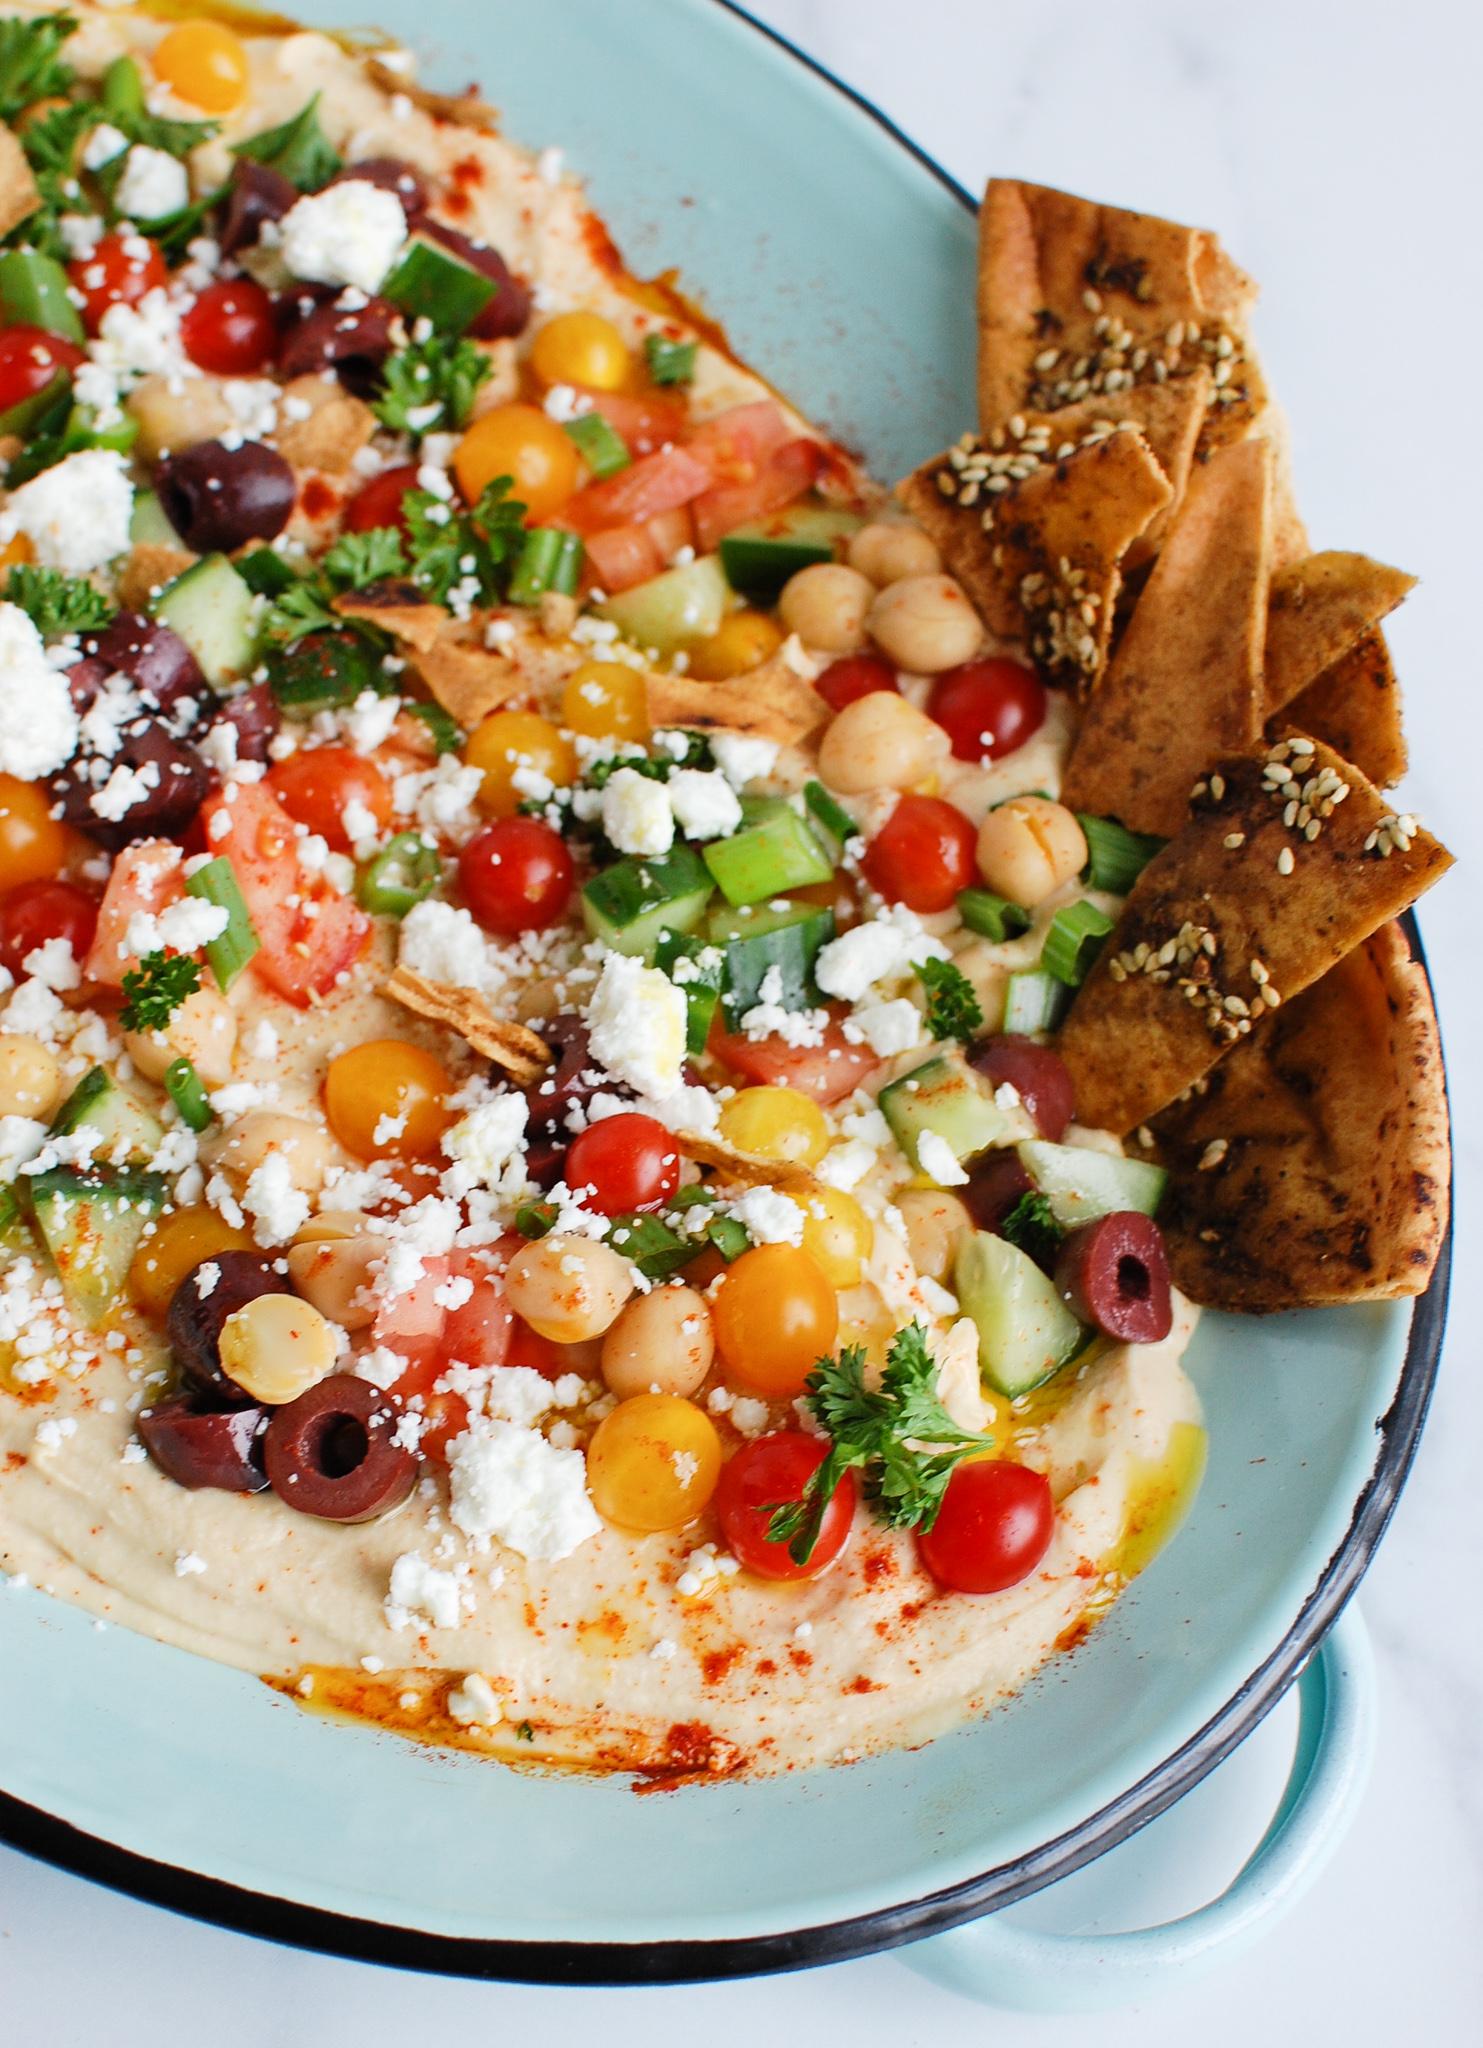 Hummus Platter on teal plate